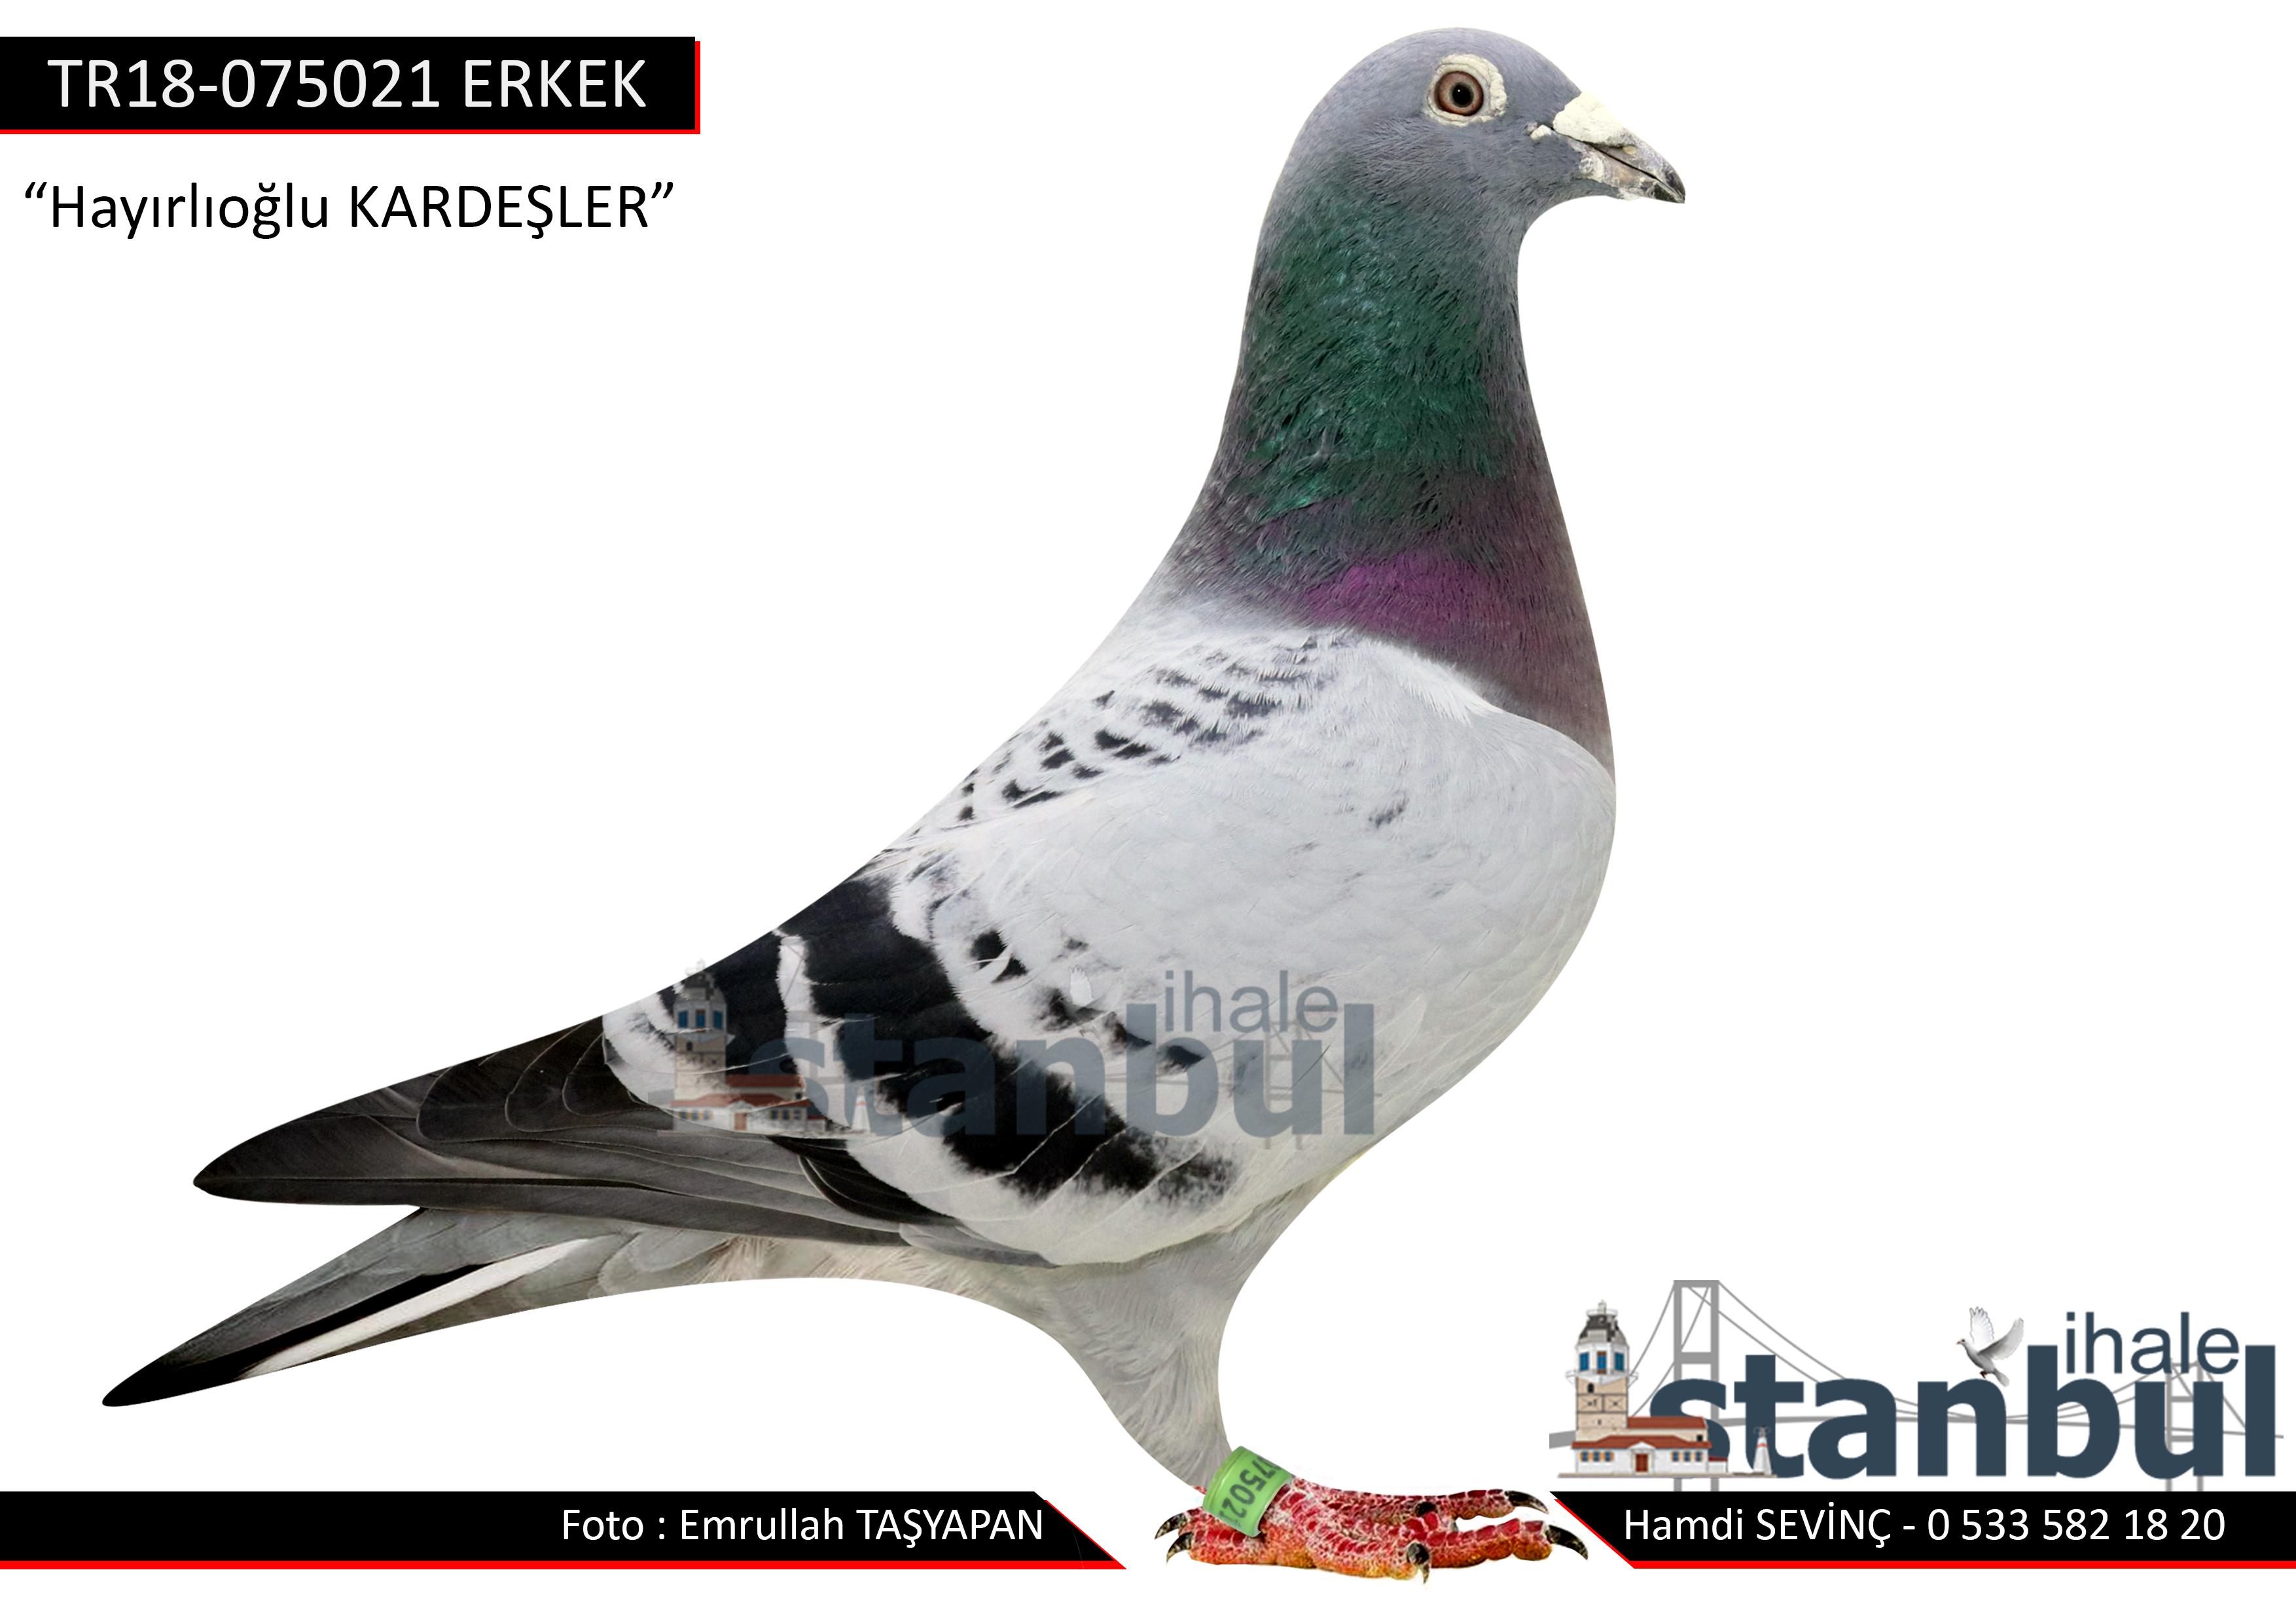 TR18-075021 ERKEK DE KLAK 613 TORUNU